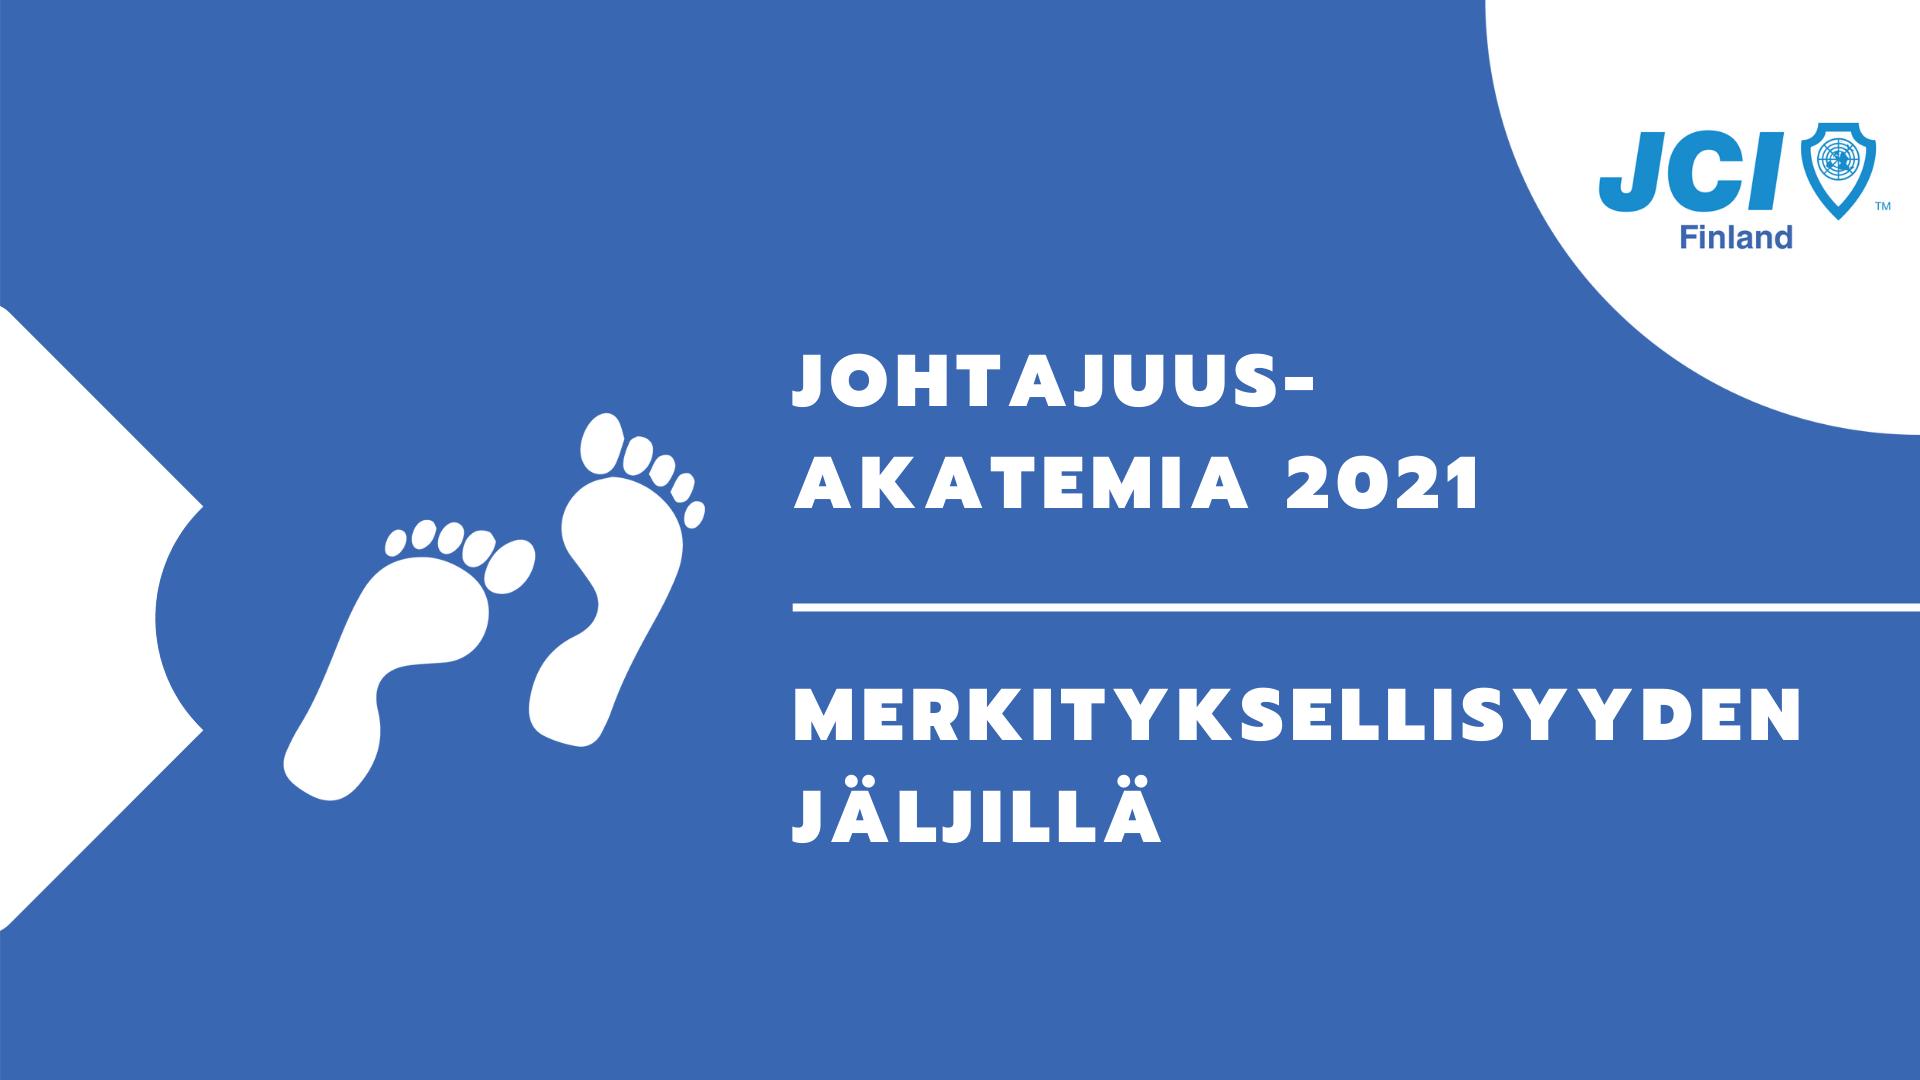 Johtajuusakatemia 2021 logo